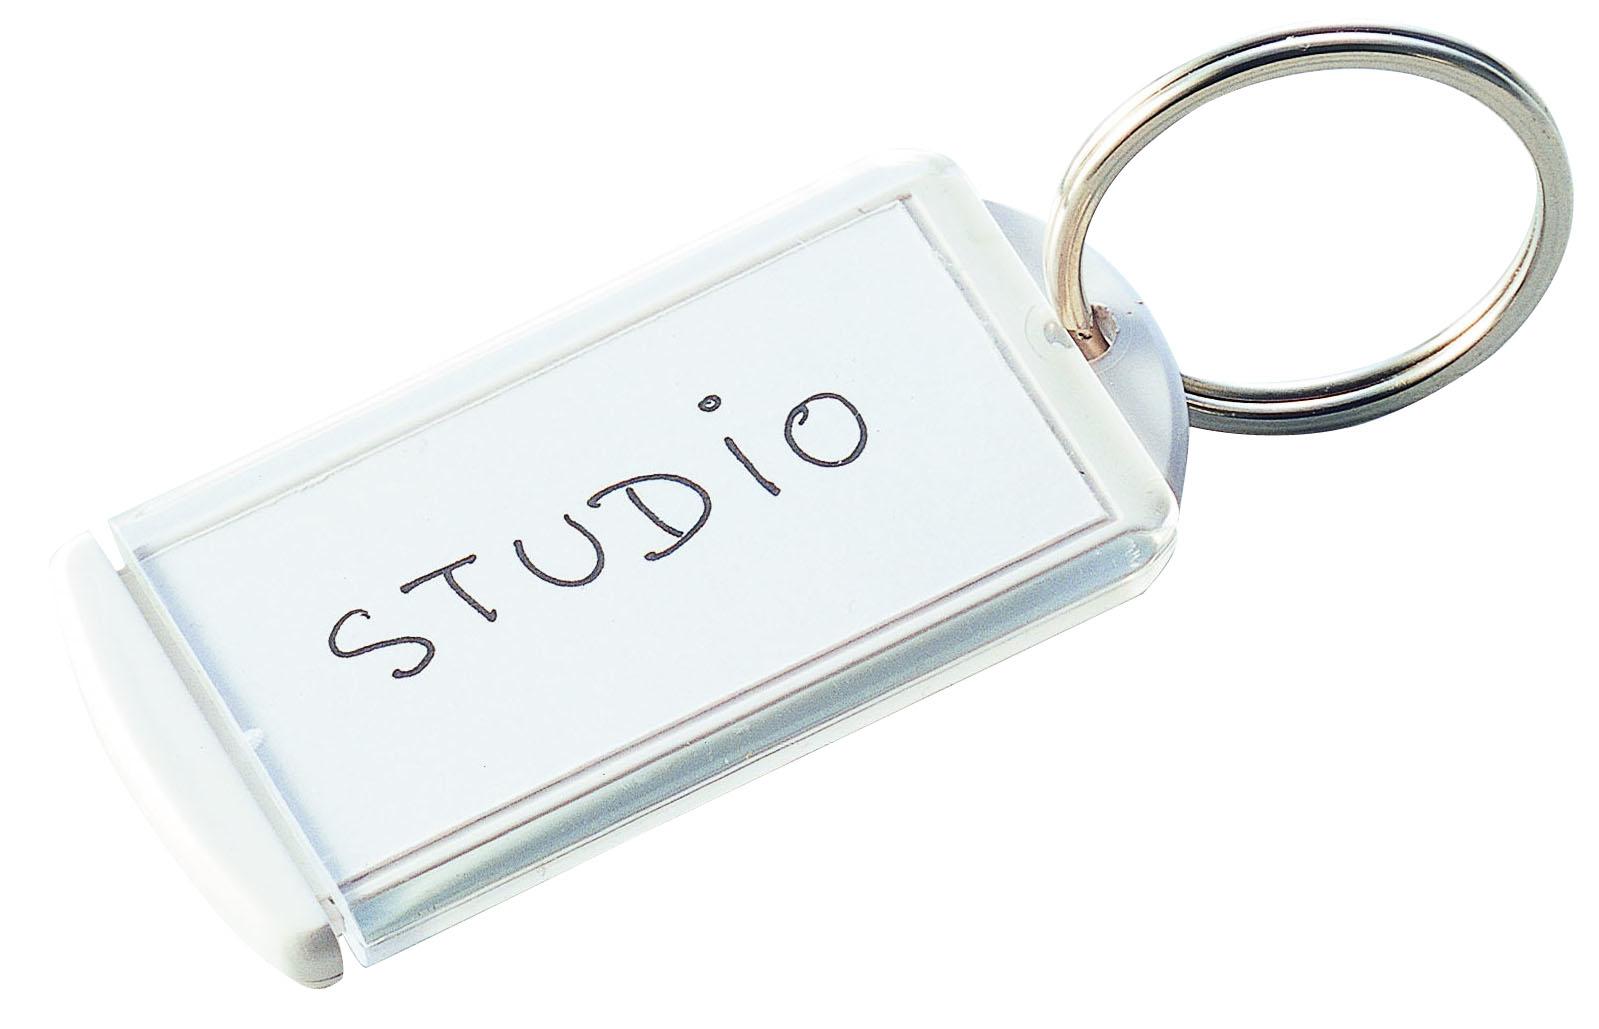 Porte cl s publicitaires pasp16 porte cl s publicitaires - Porte clef pour ne pas perdre ses clefs ...